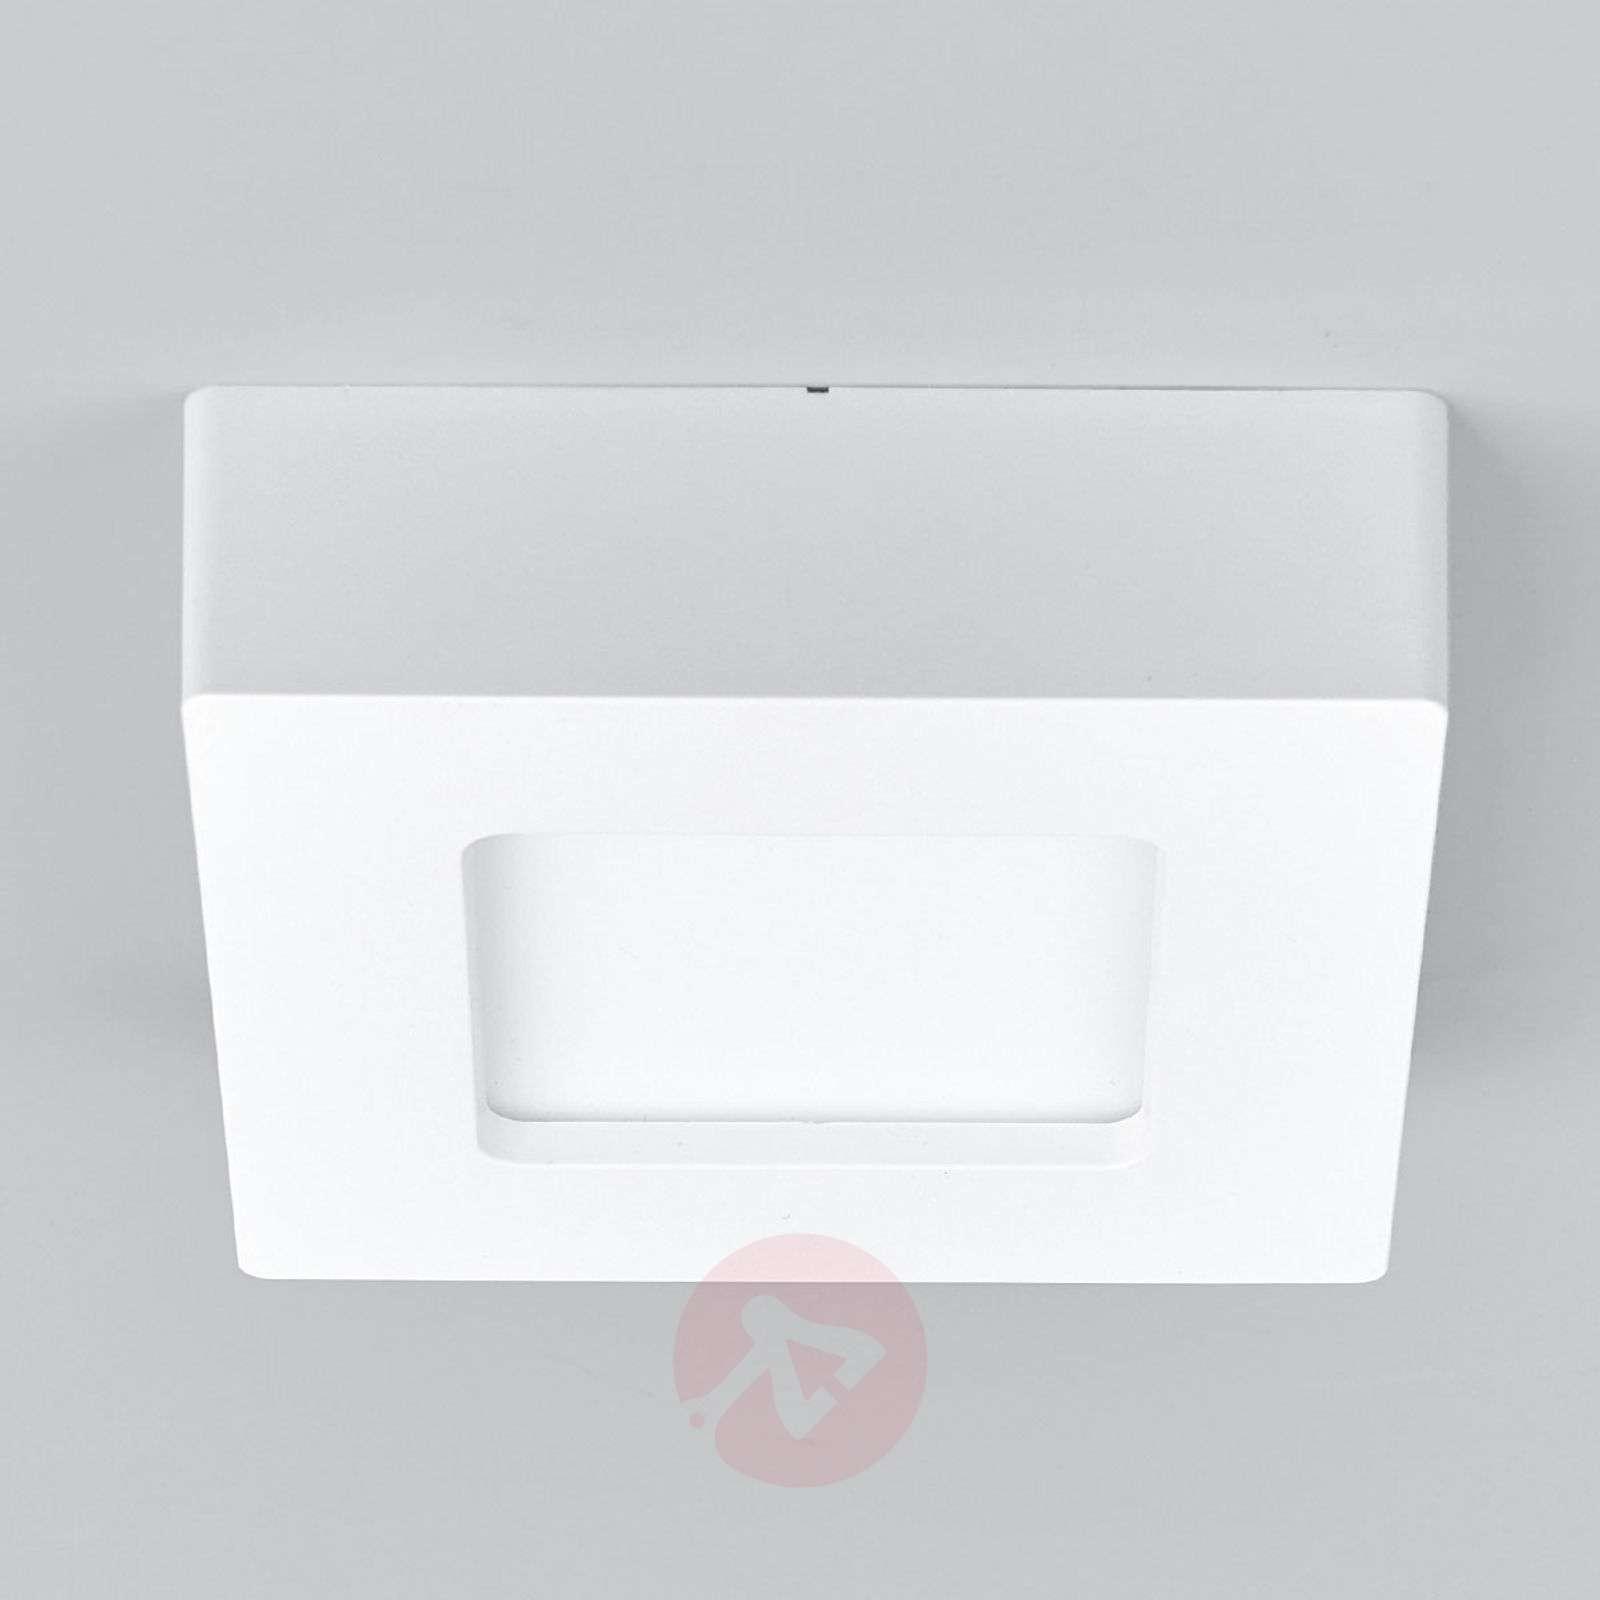 LED-kylpyhuonekattolamppu Rayan-9978022-011